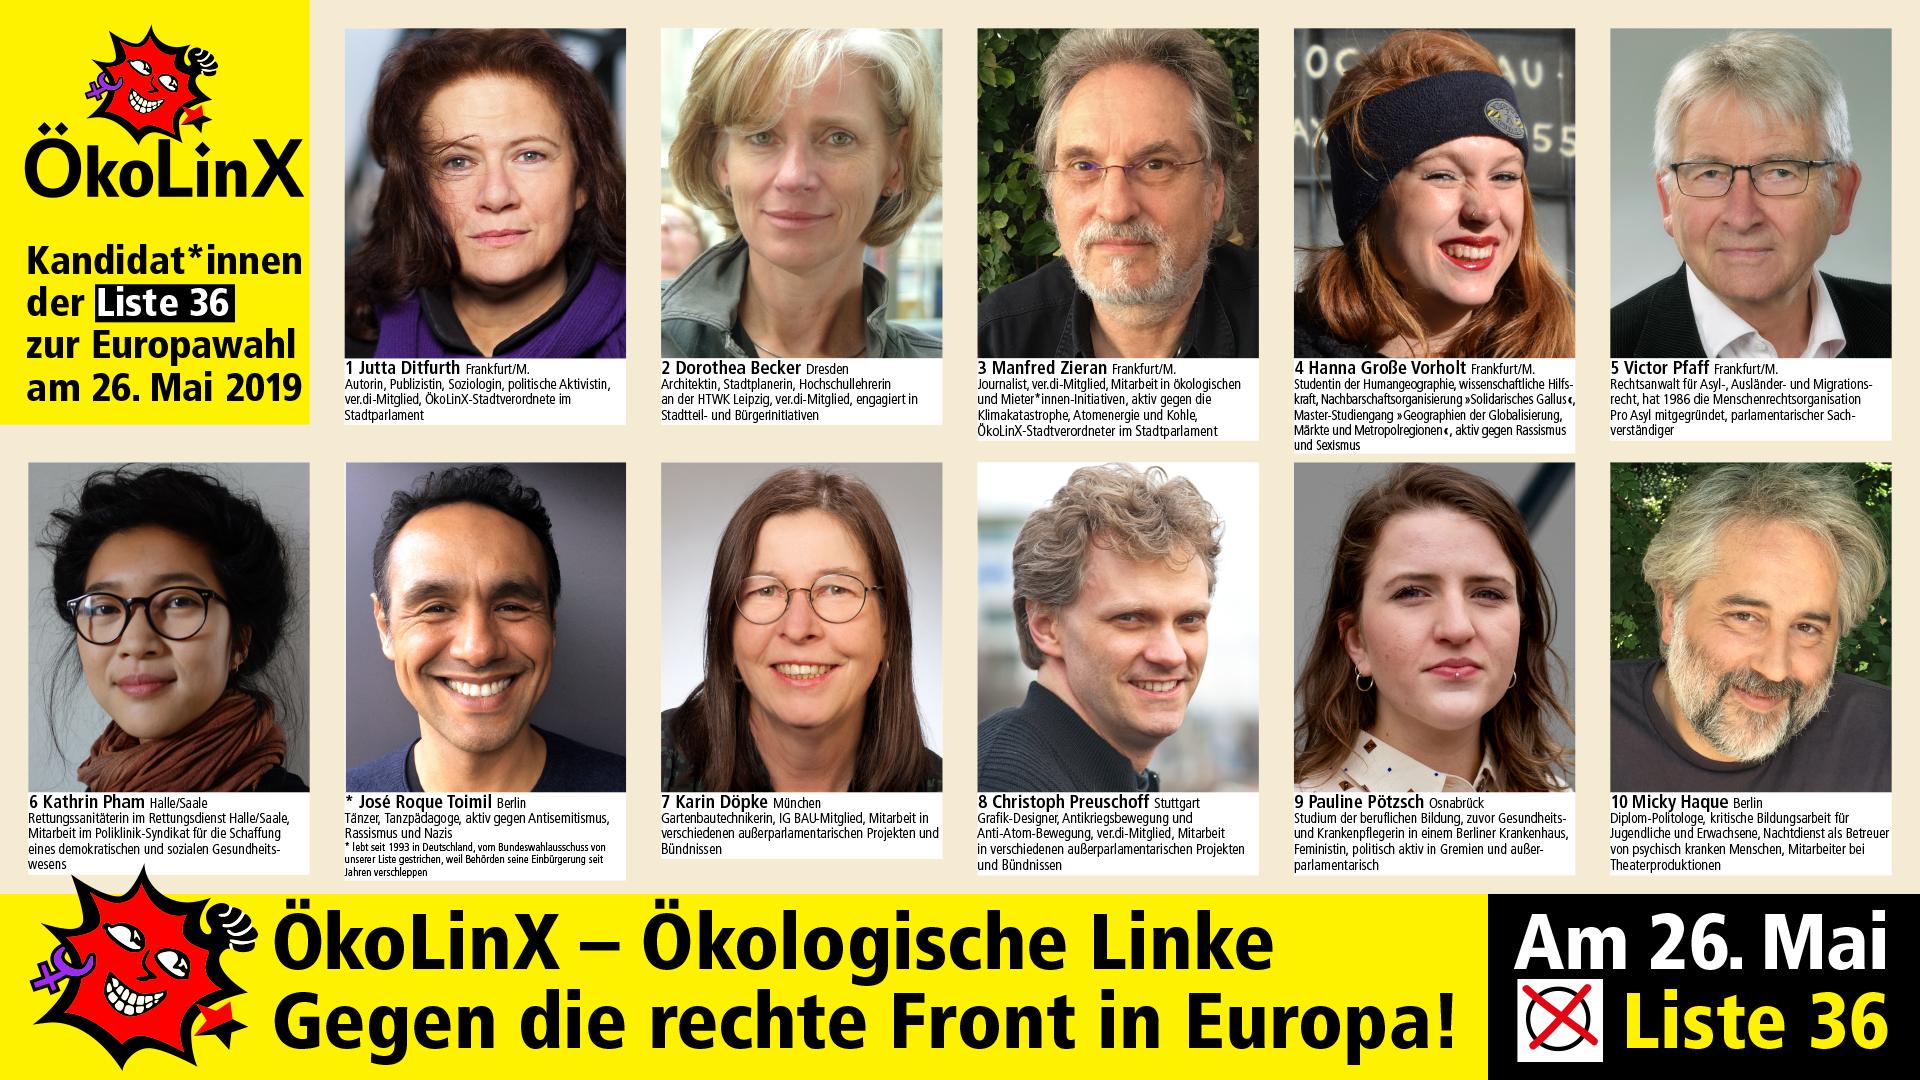 Jutta Ditfurth: Wählt bei der Europawahl ÖkoLinX  Wahlspot (ARD und ZDF)